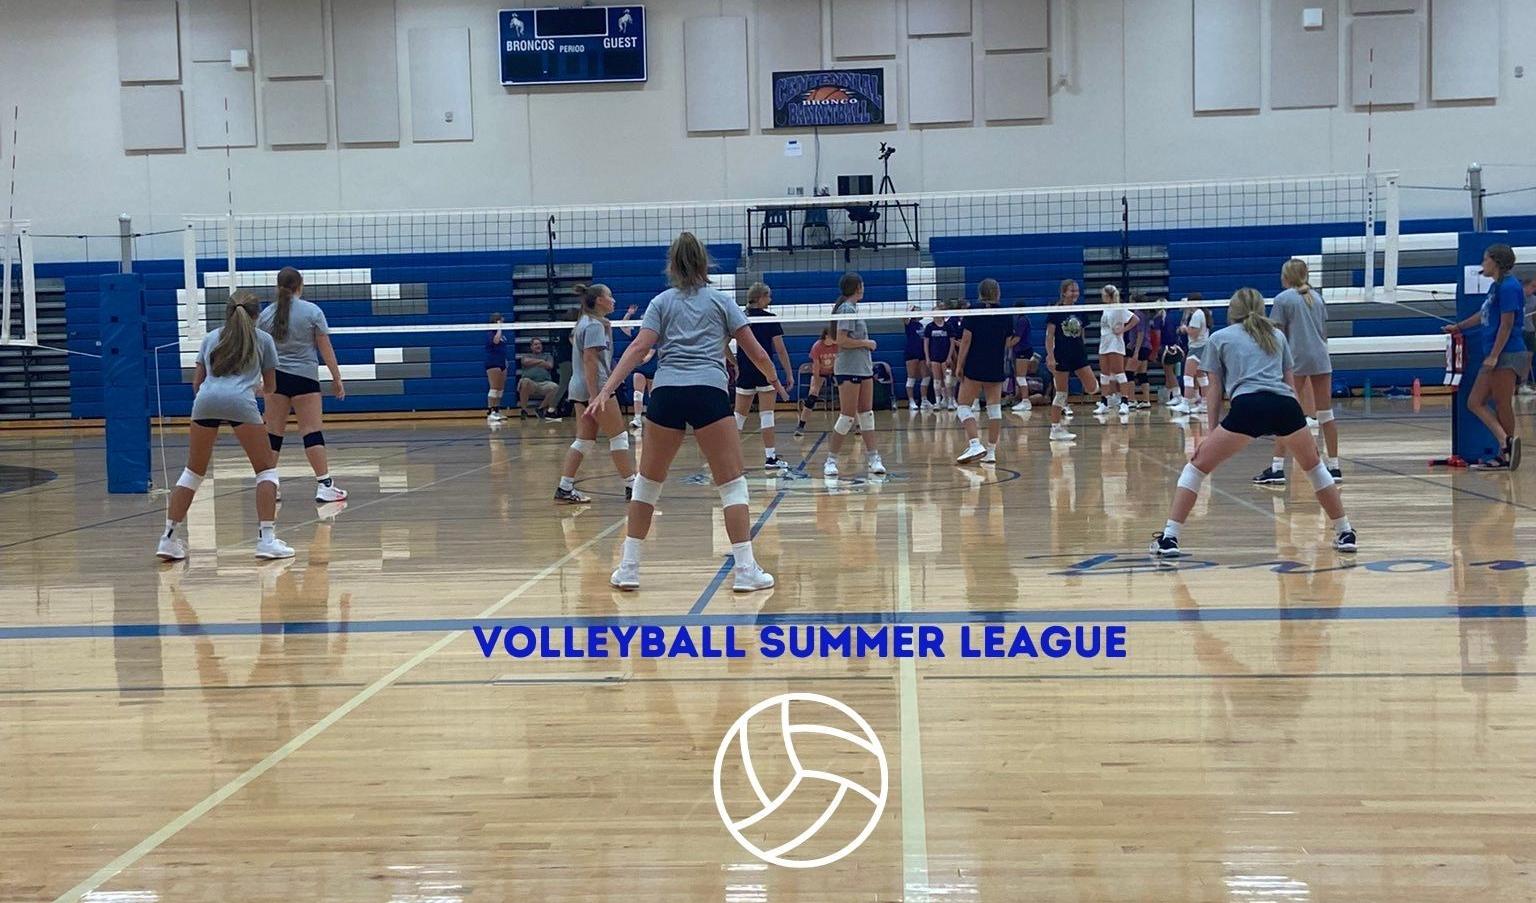 volleyball summer league